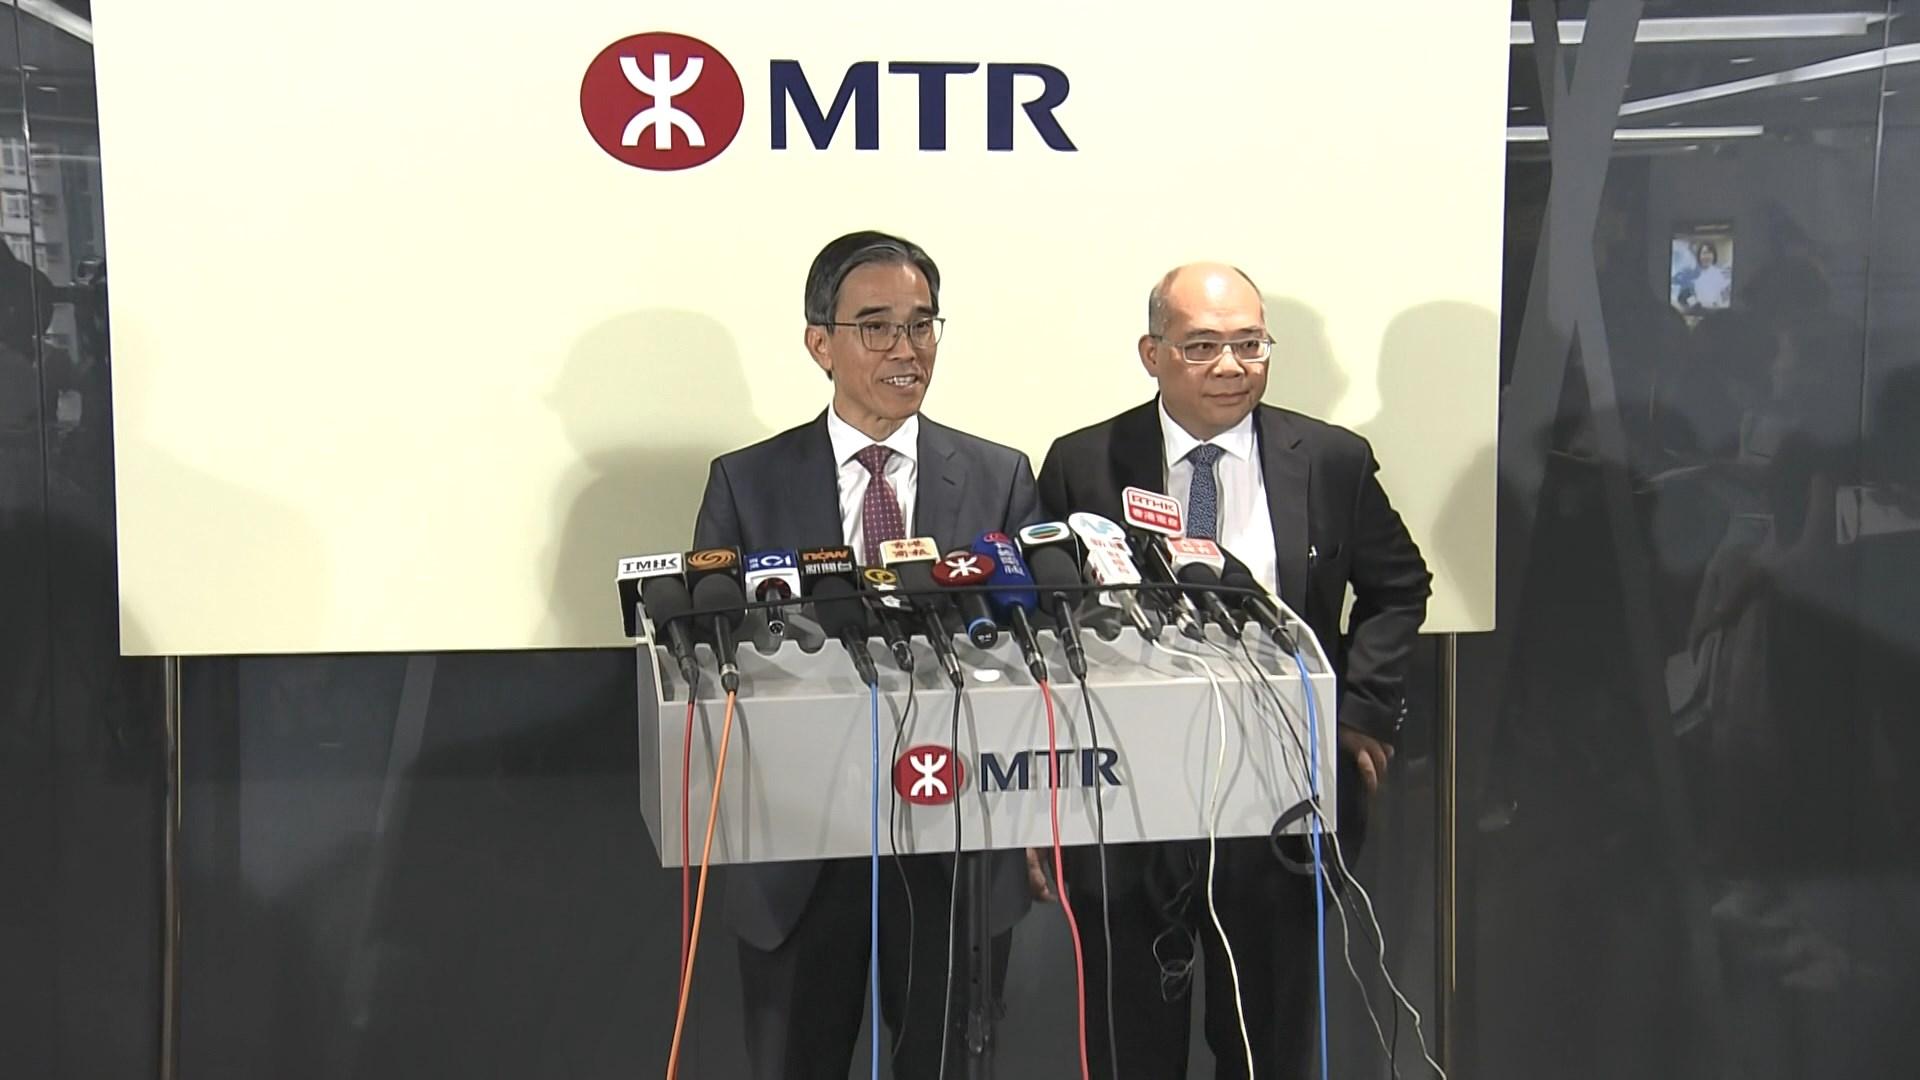 列車相撞 港鐵承認有不足會加強監督承辦商